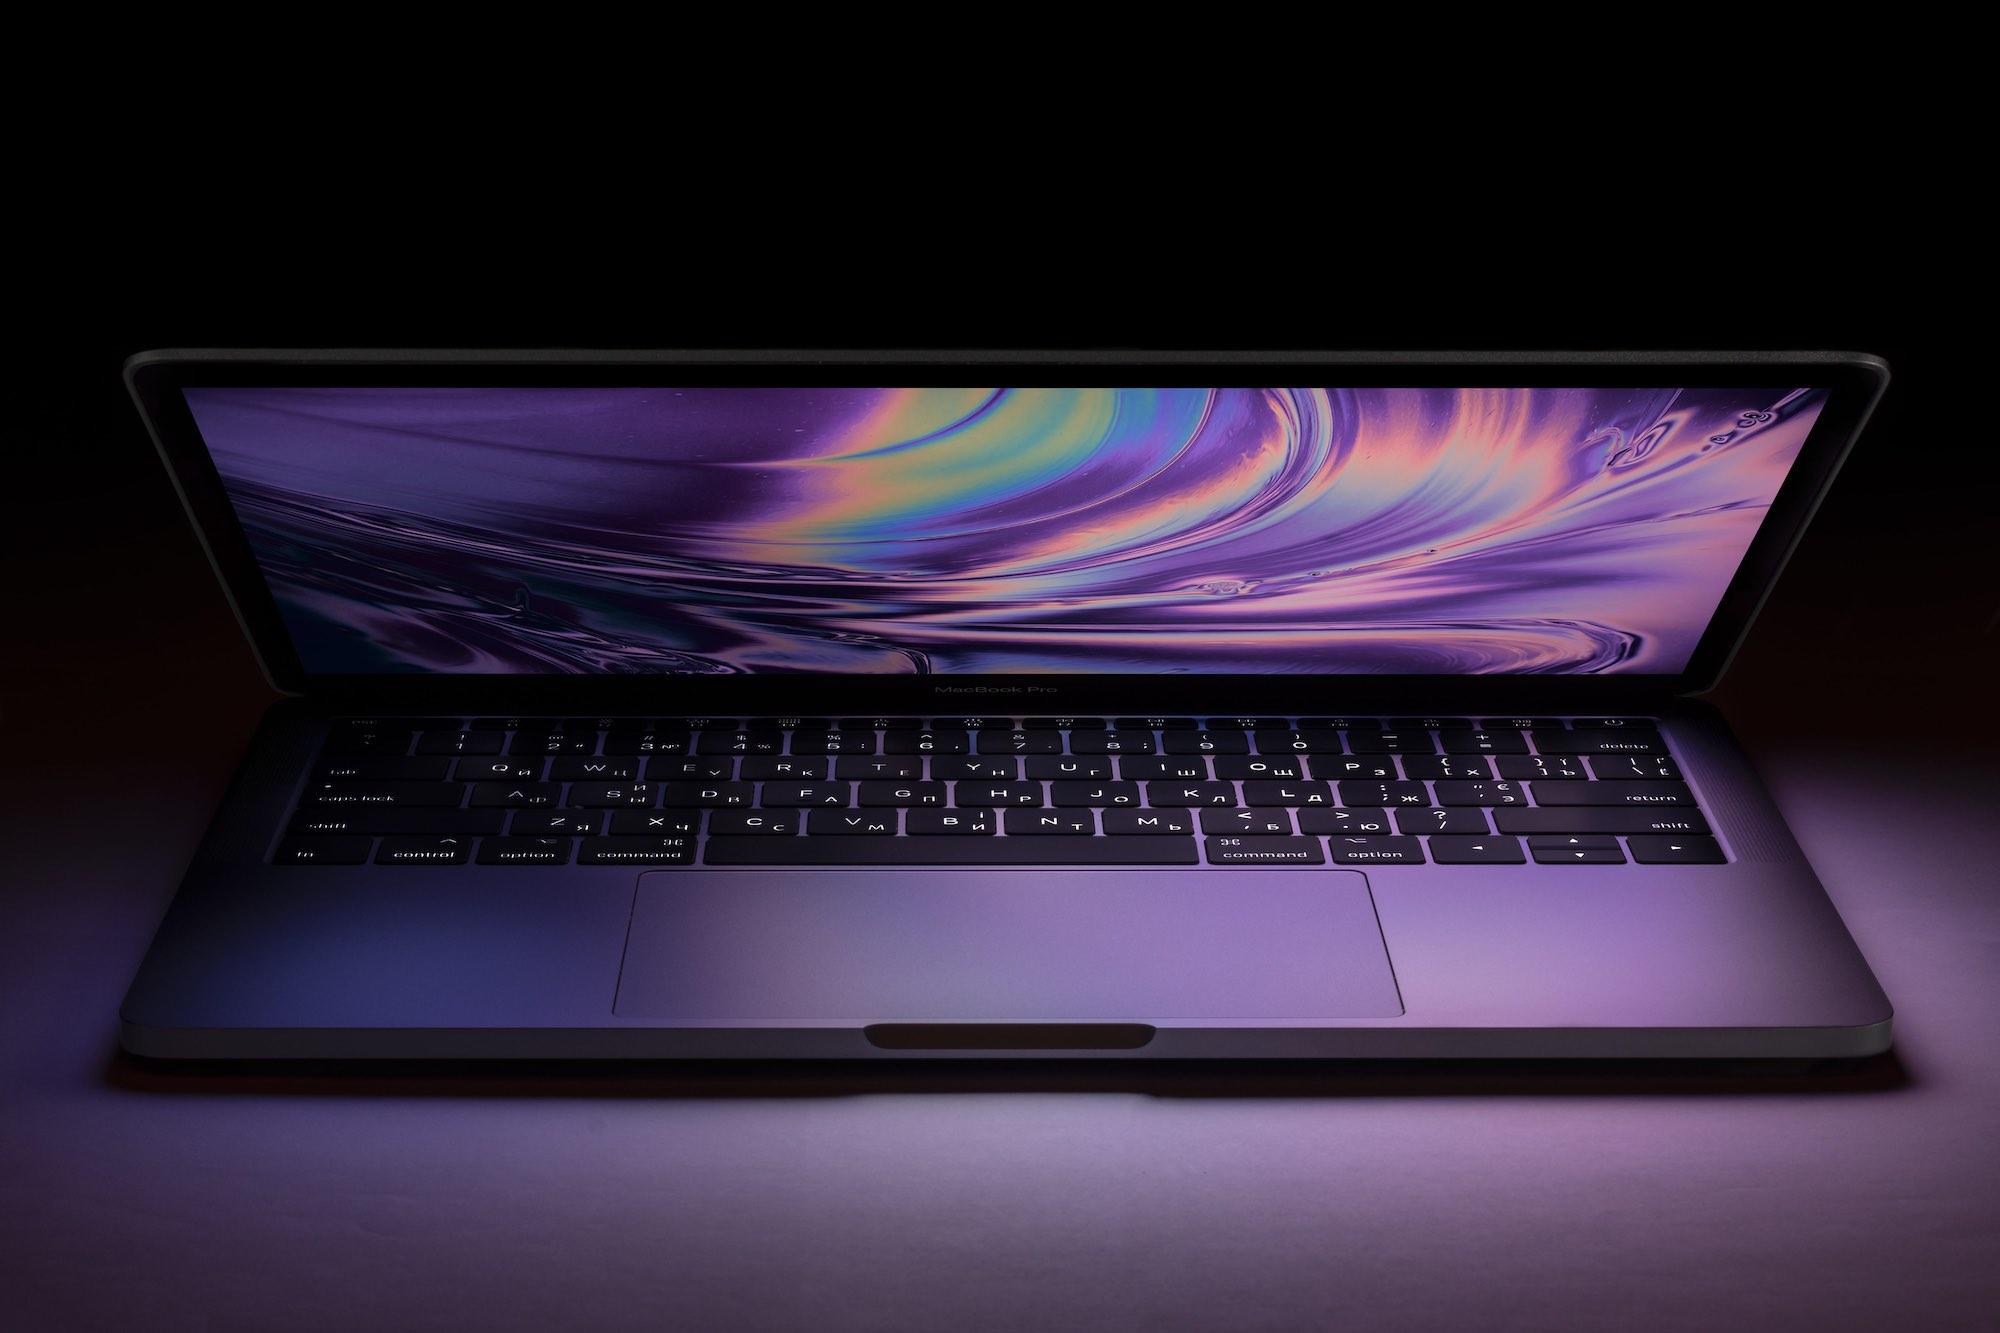 إصدار أبل المحدّث من جهاز MacBook Pro